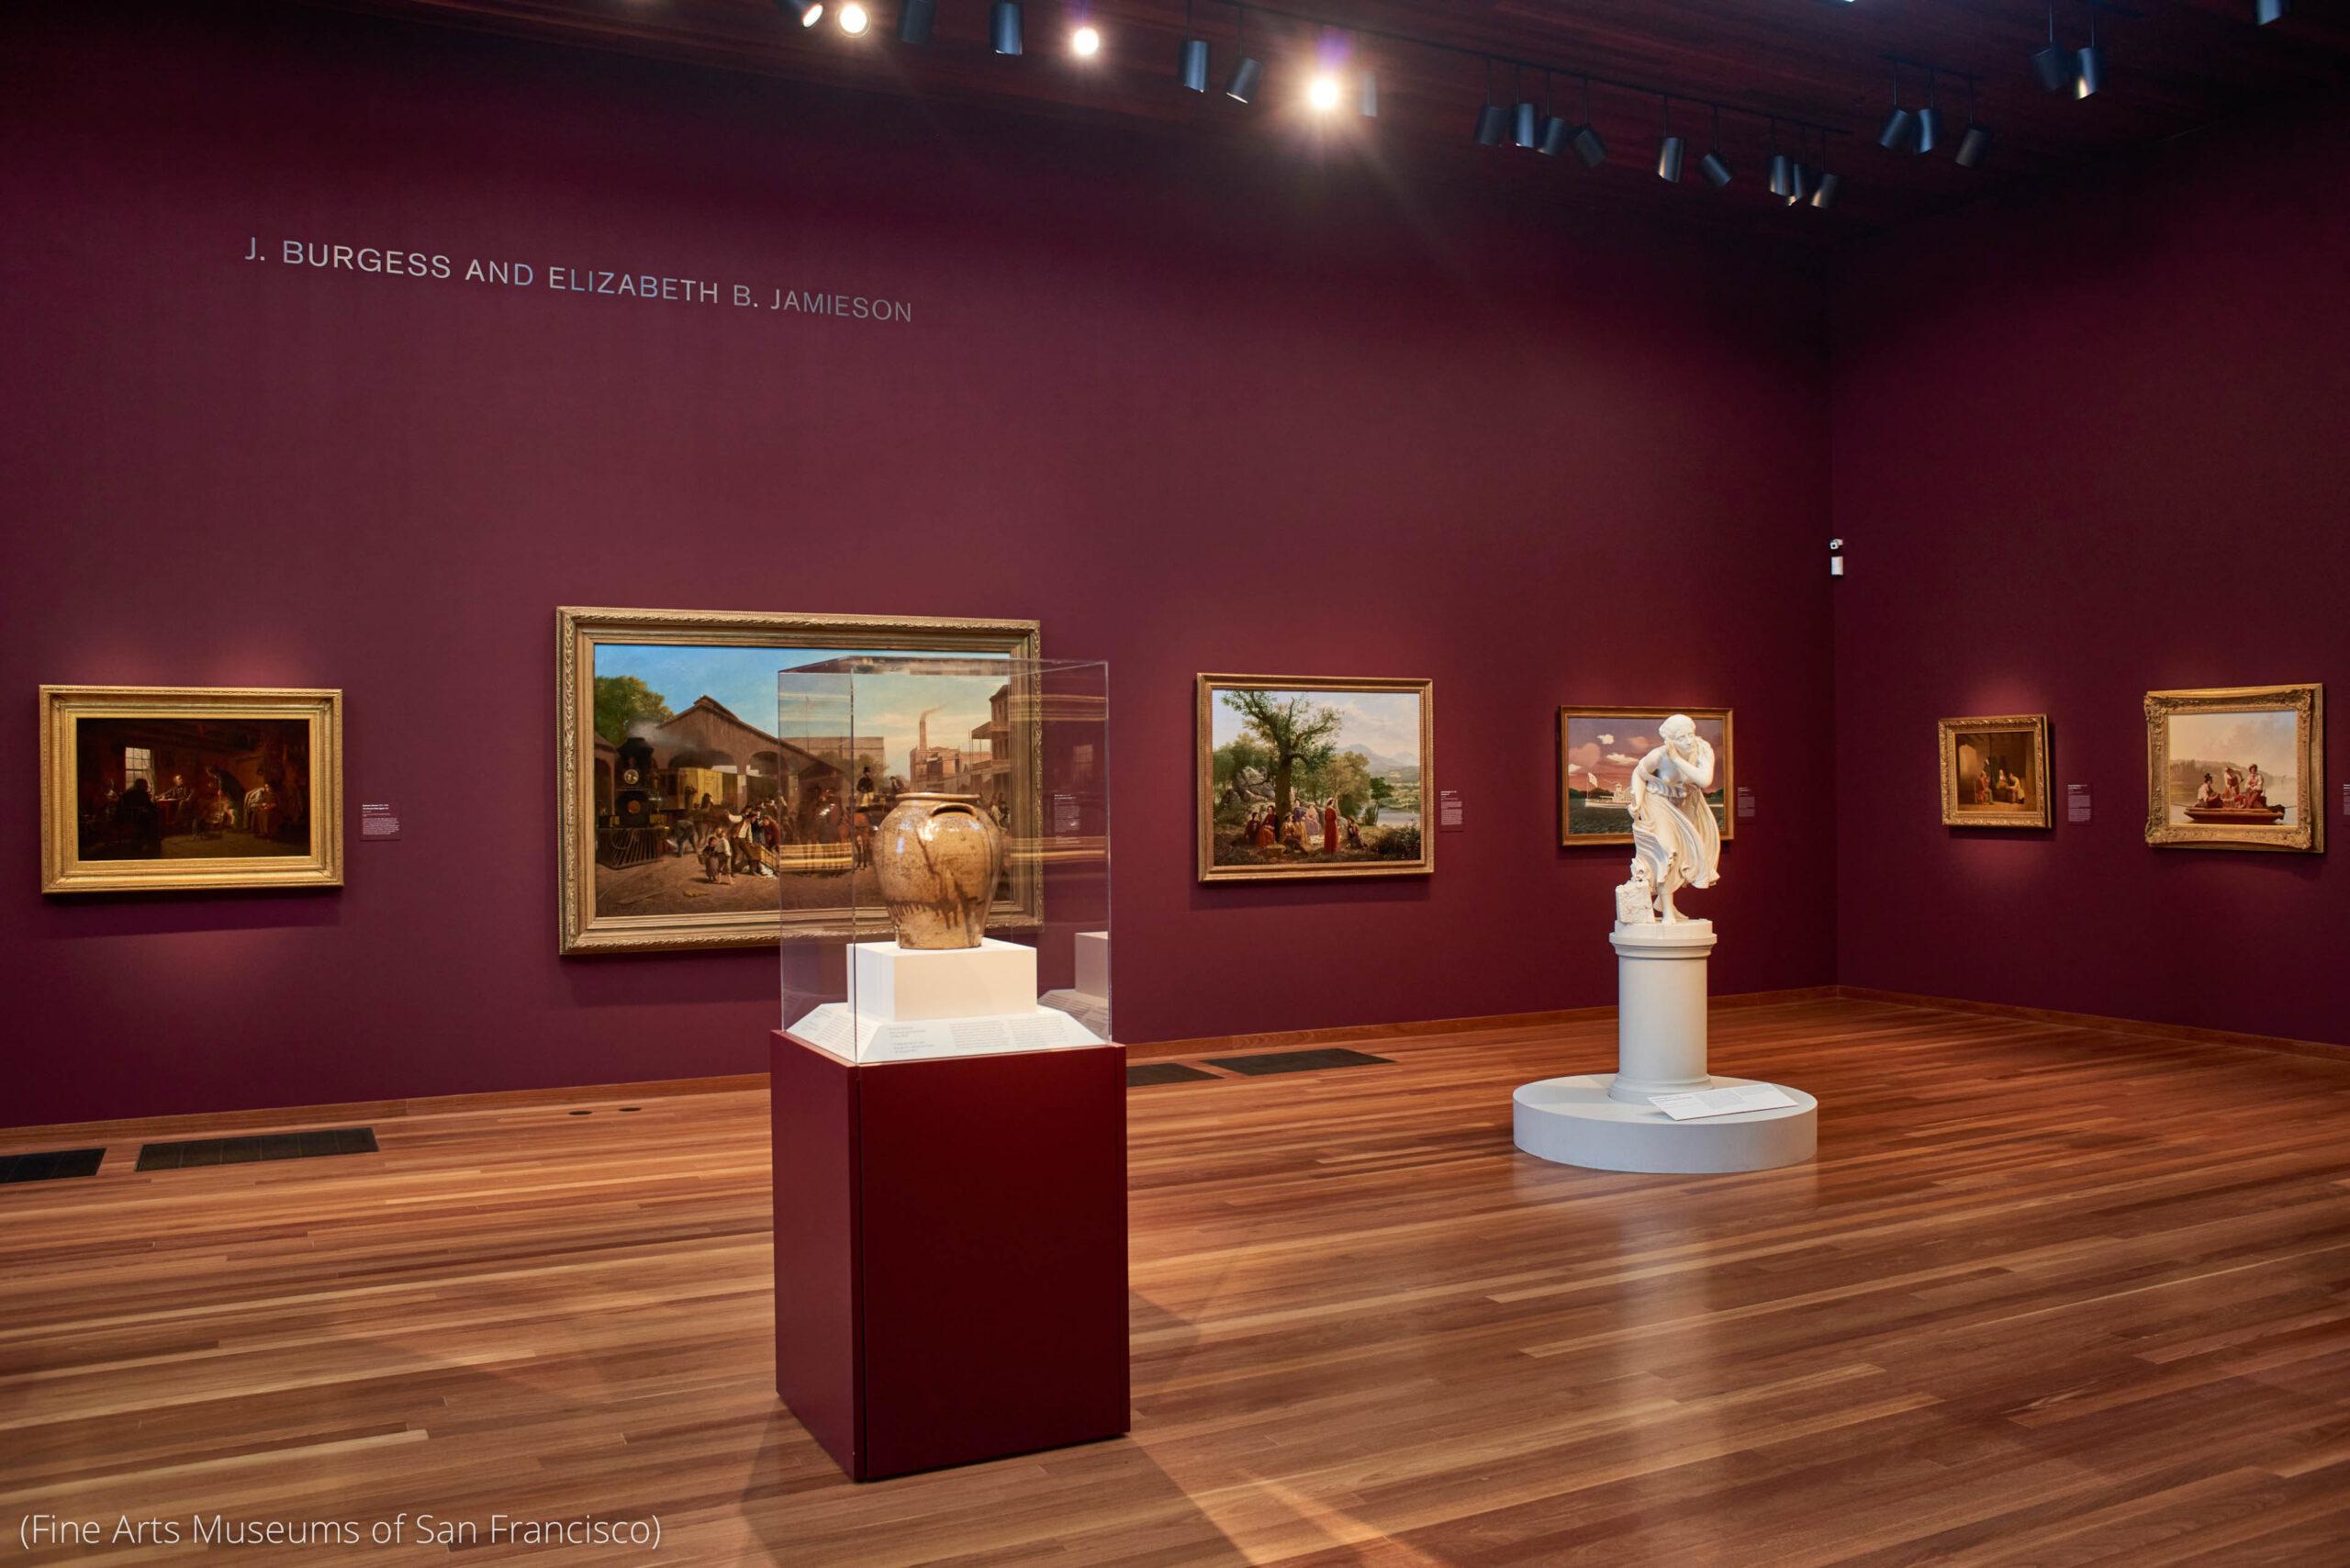 ایک عجائب گھر میں آرٹ کے فن پارے یعنی دیوار پر لگی مصوروں کی بنائی ہوئی تصاویر، مٹی کے برتن اور مجسمہ۔ (Fine Arts Museums of San Francisco)